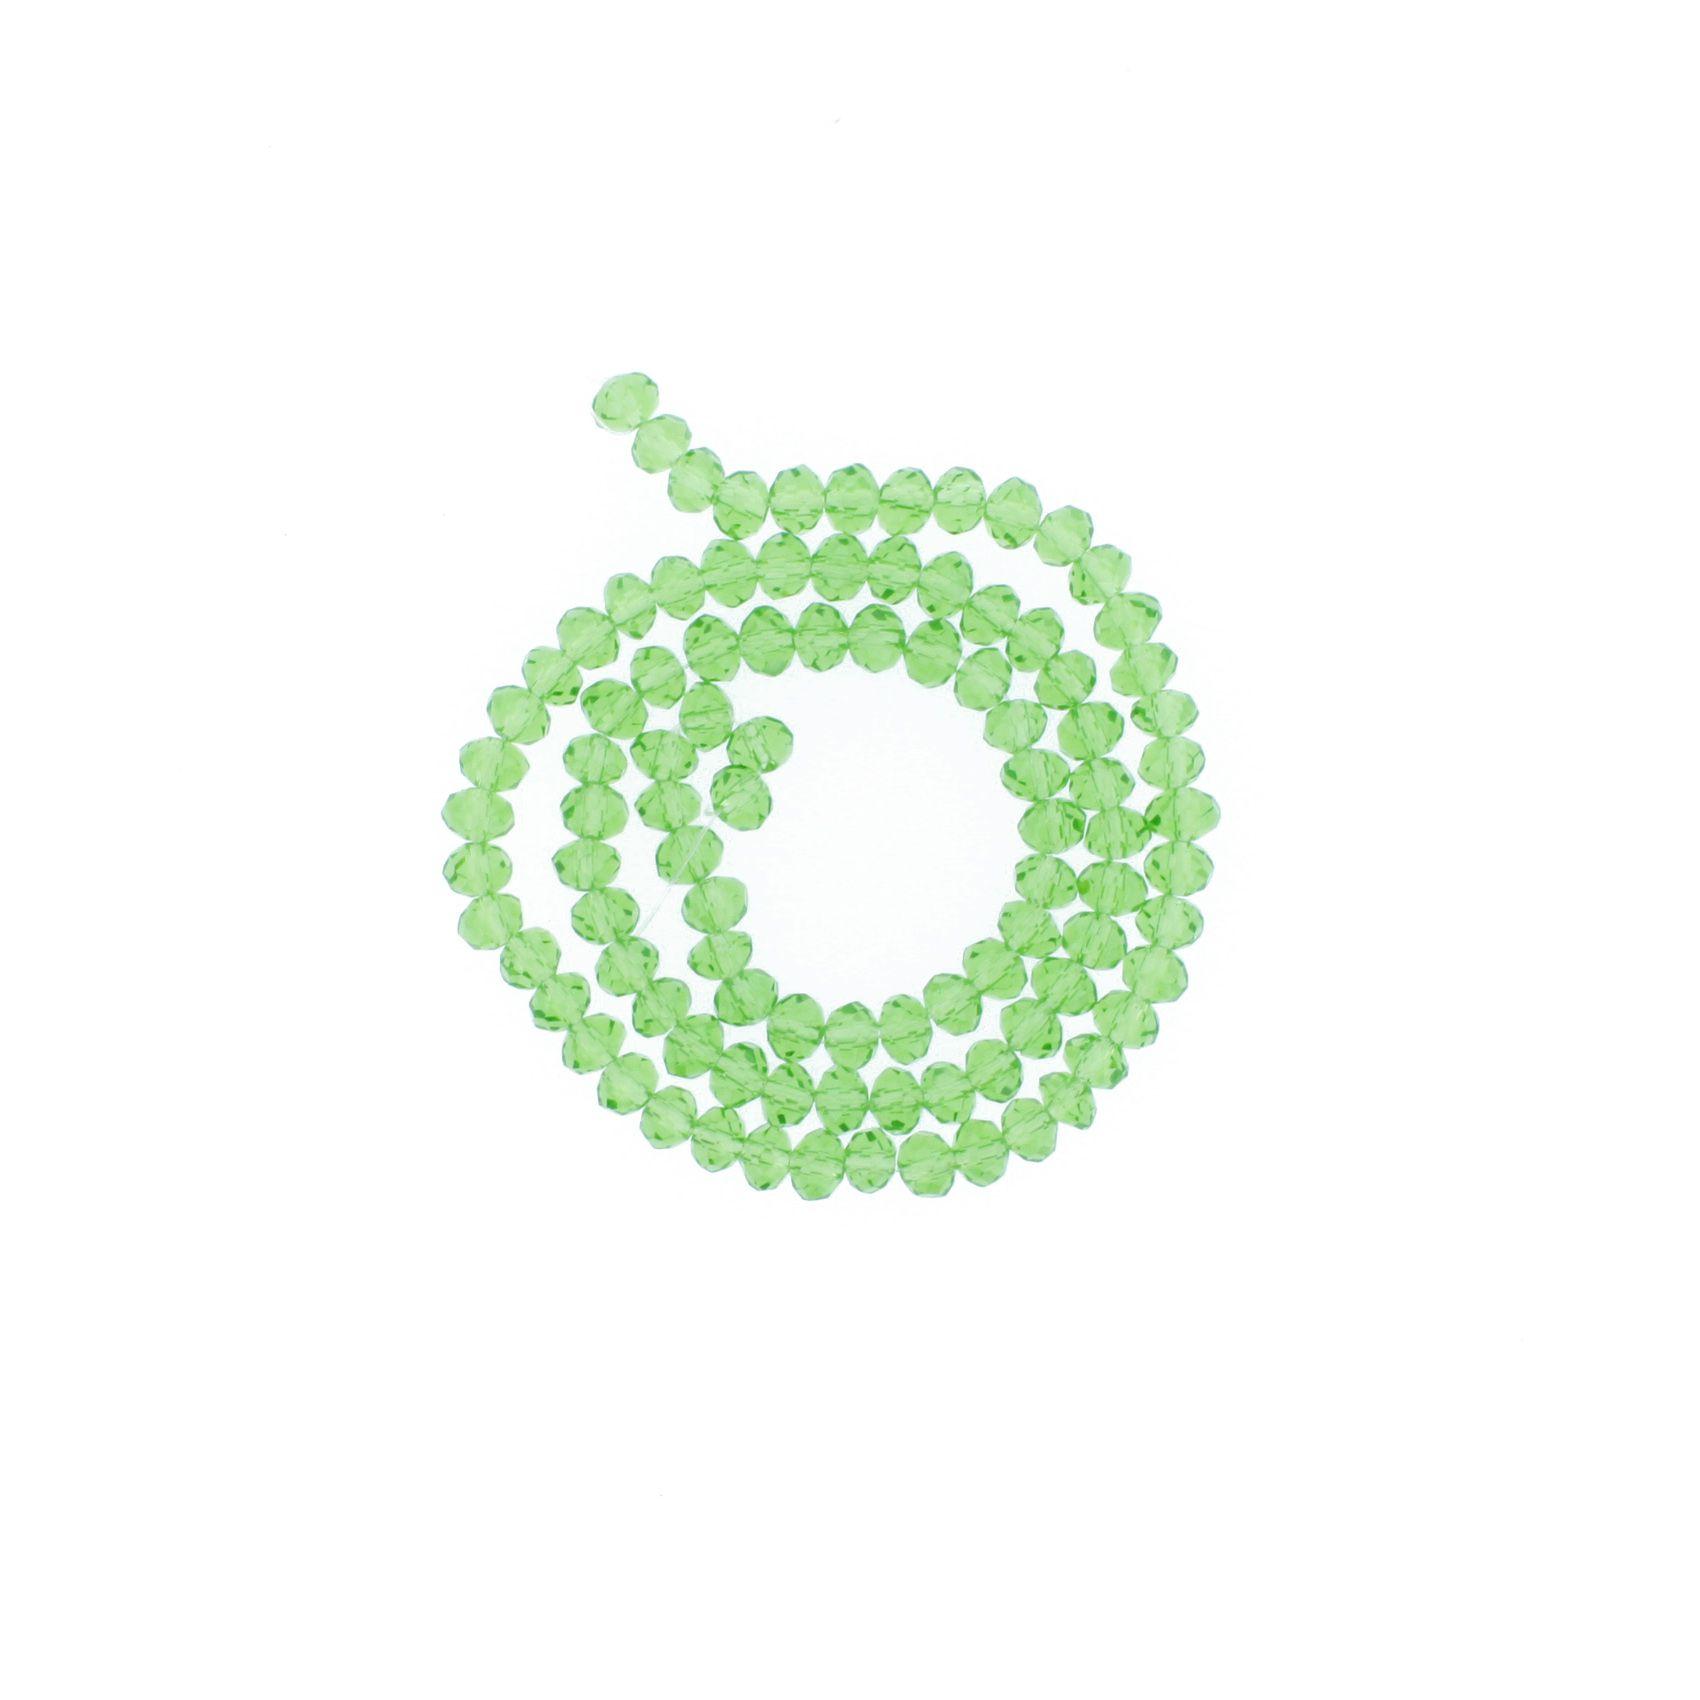 Fio de Cristal - Piatto® - Verde Claro Transparente - 6mm  - Universo Religioso® - Artigos de Umbanda e Candomblé